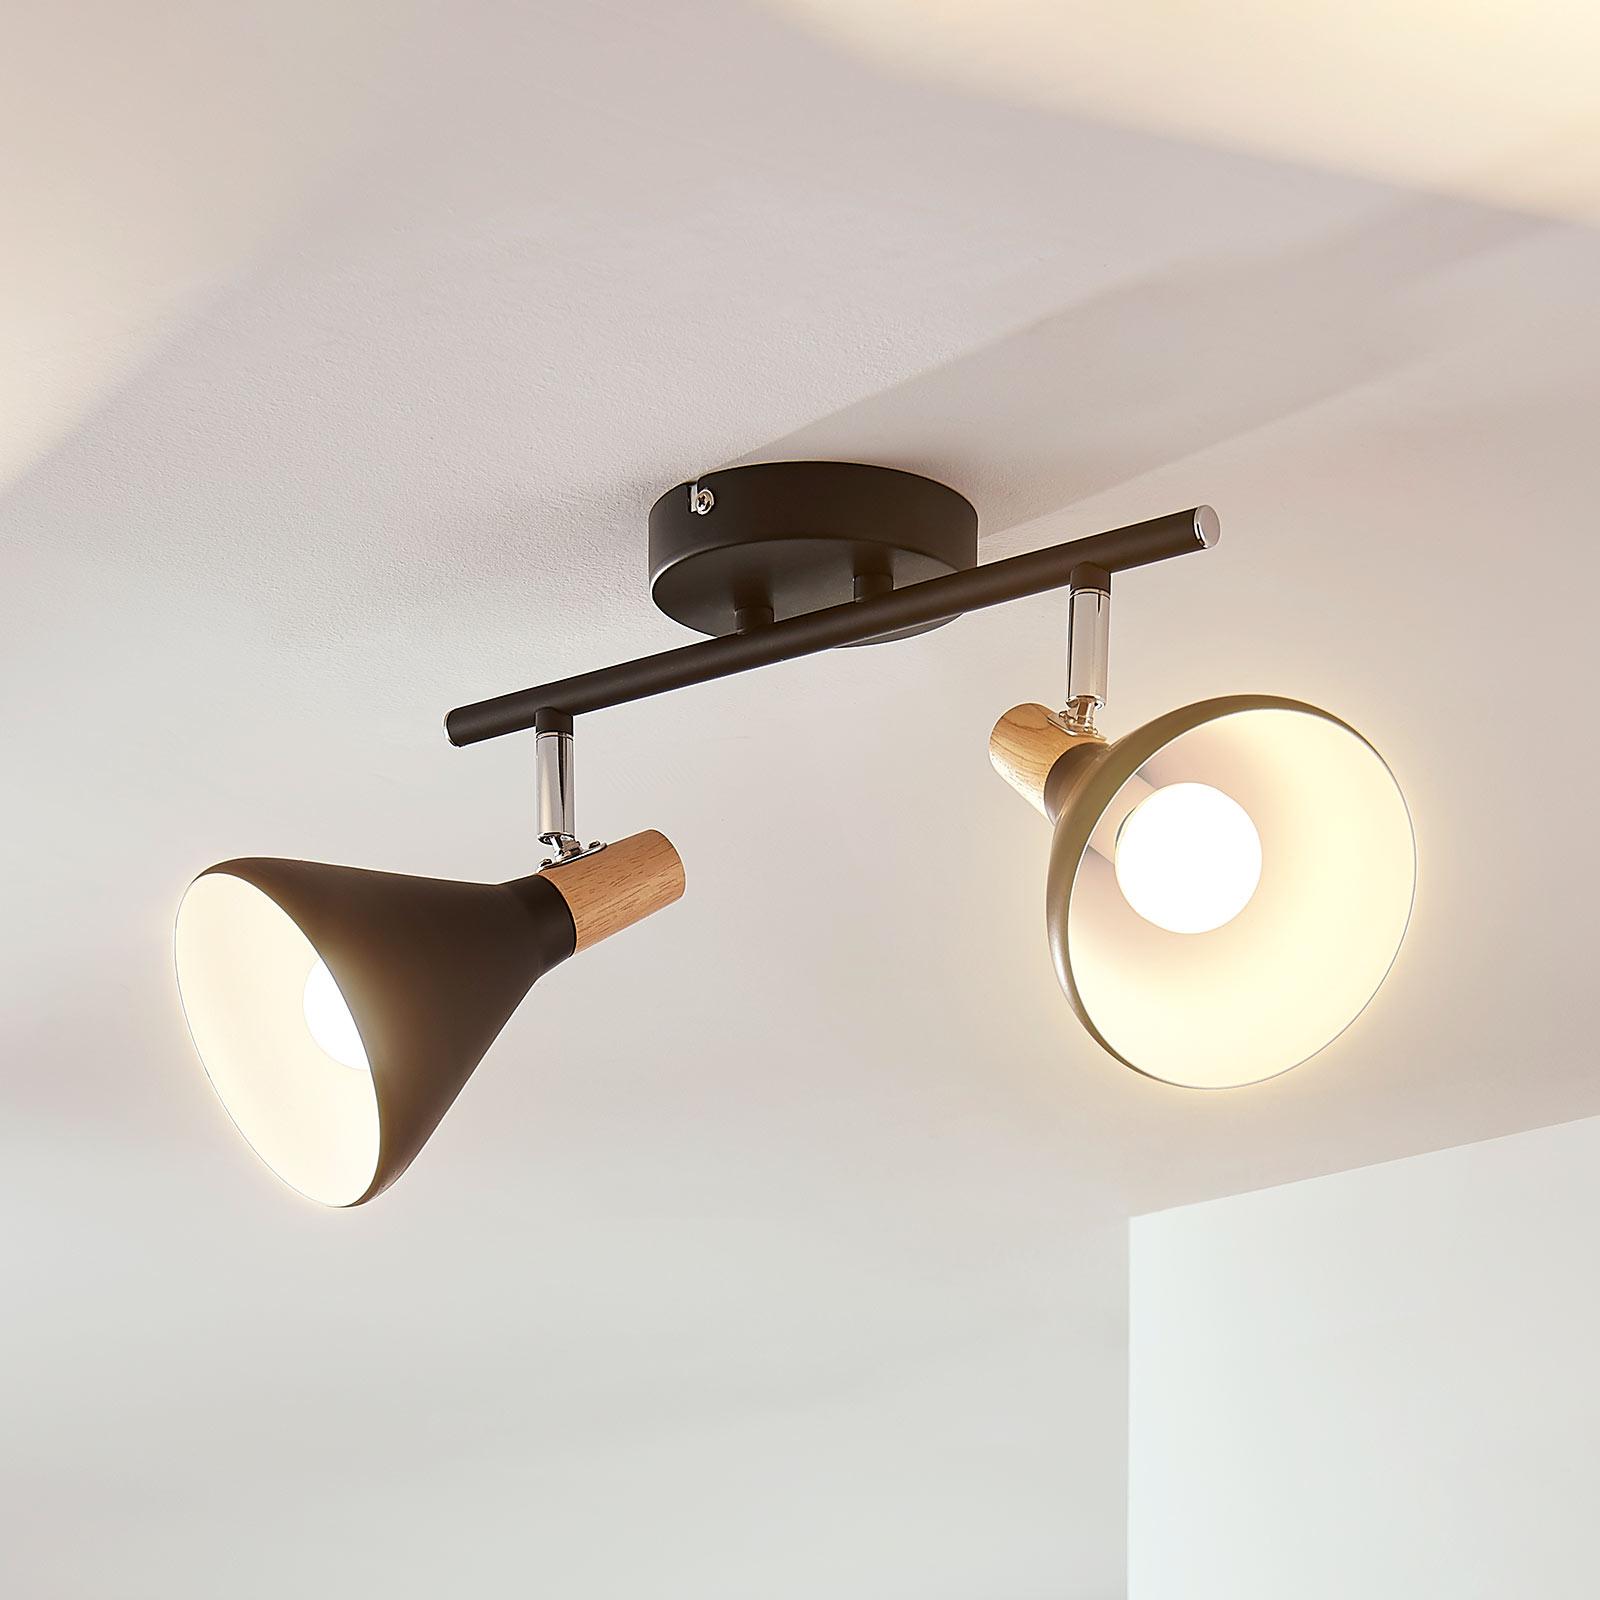 LED-Deckenleuchte Arina in Schwarz, 2-flammig